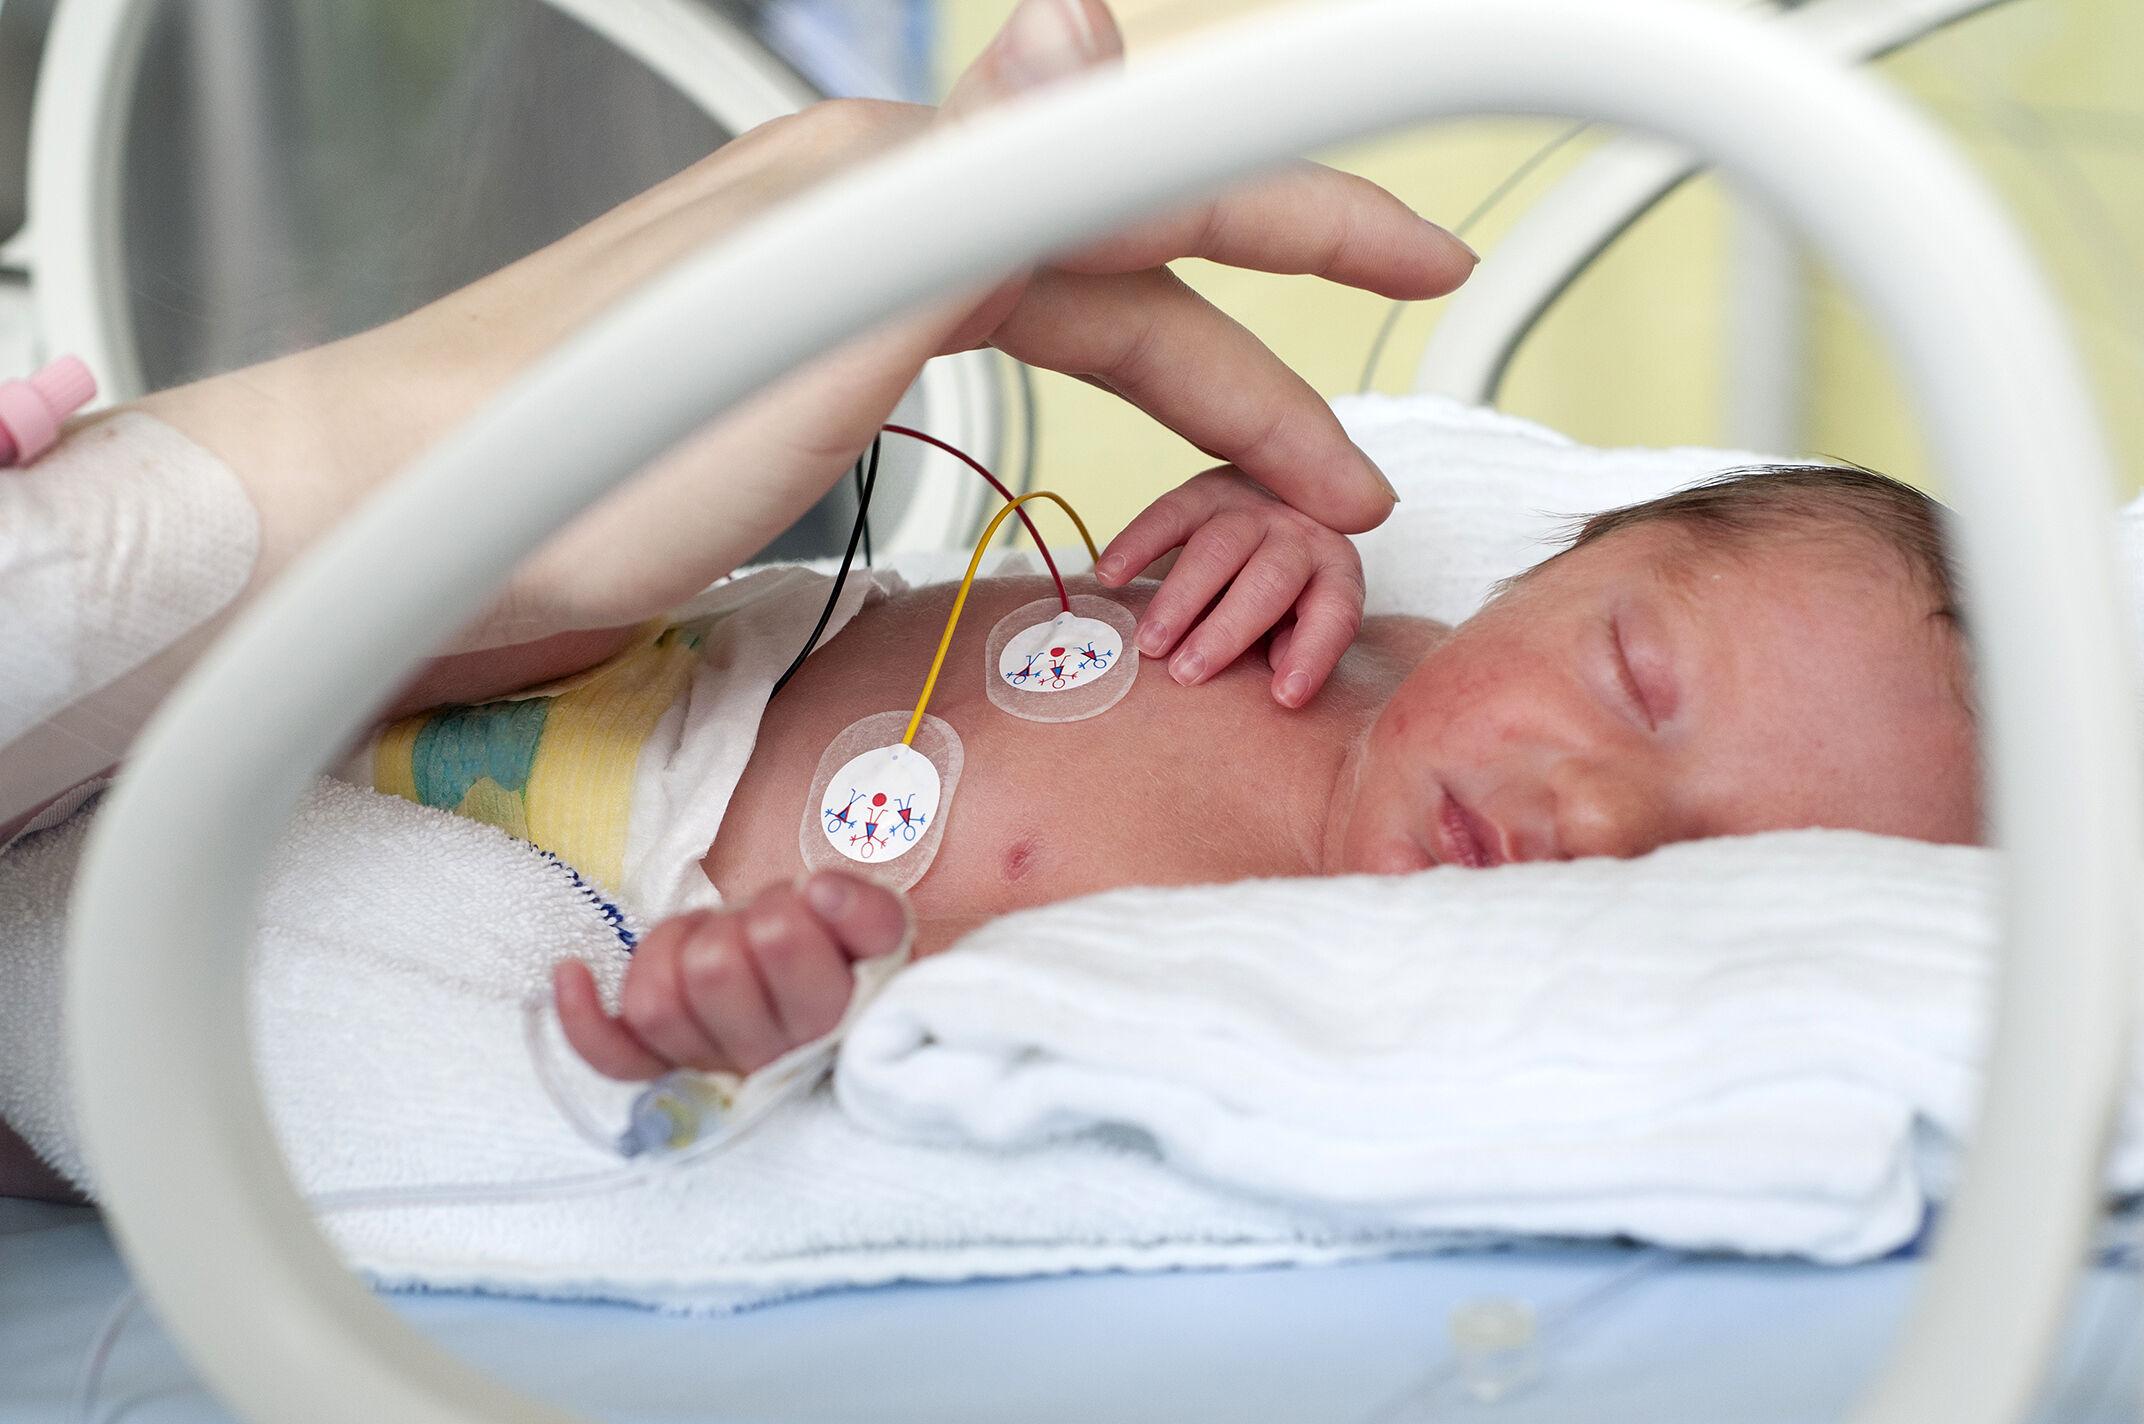 Ouvir a voz da mãe pode ajudar bebês na UTI neonatal a dormir melhor | Bebe .com.br